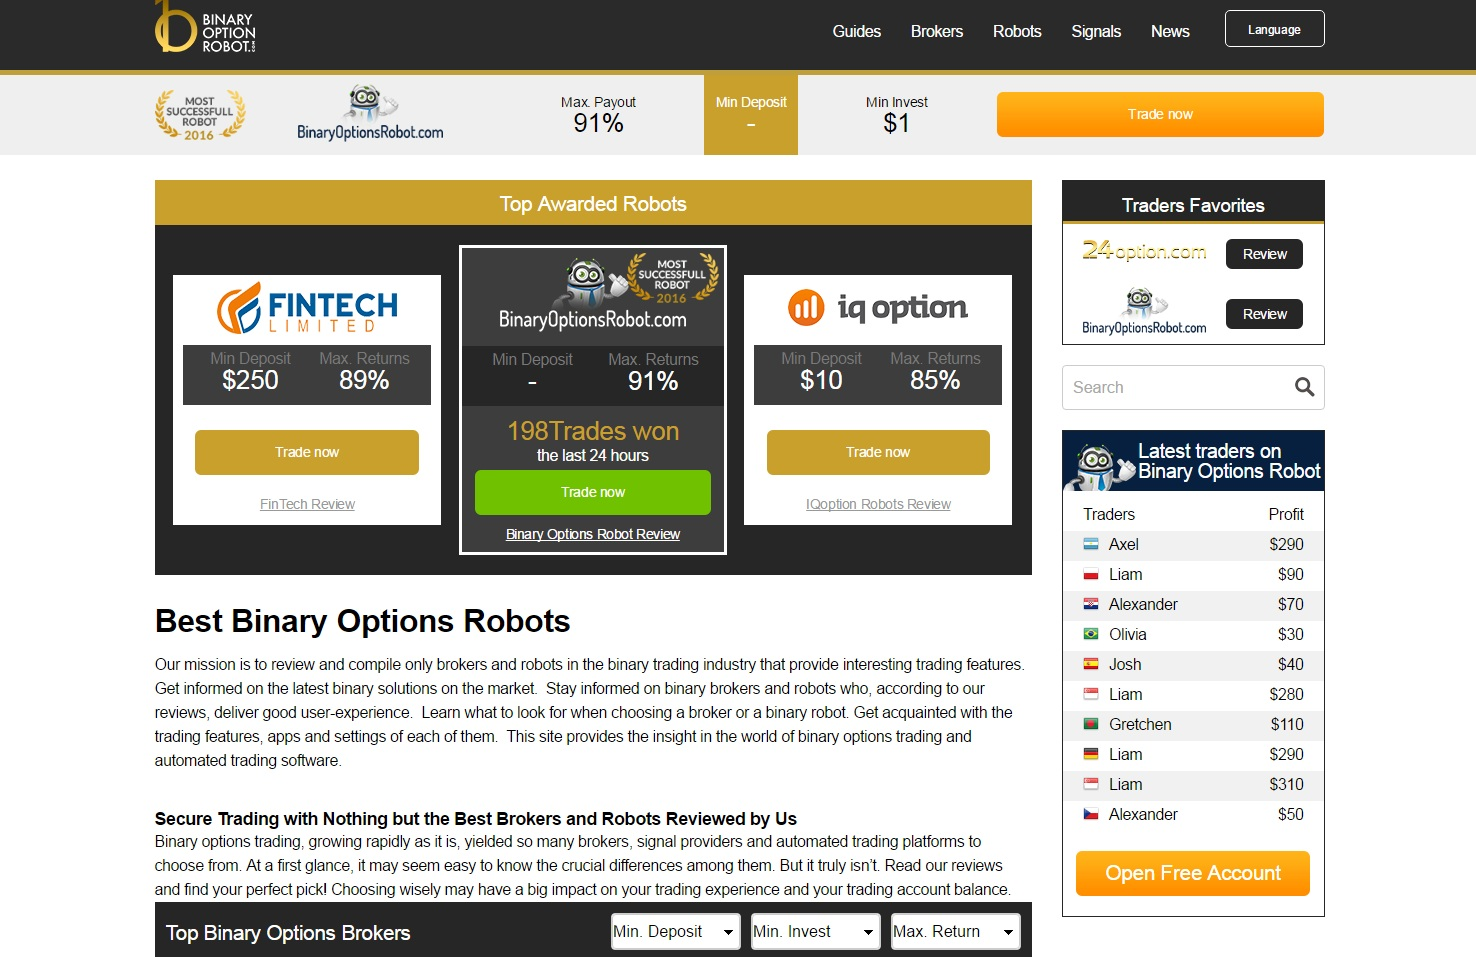 tipuri de bani fiatnye este posibil să convertiți bitcoins în bani